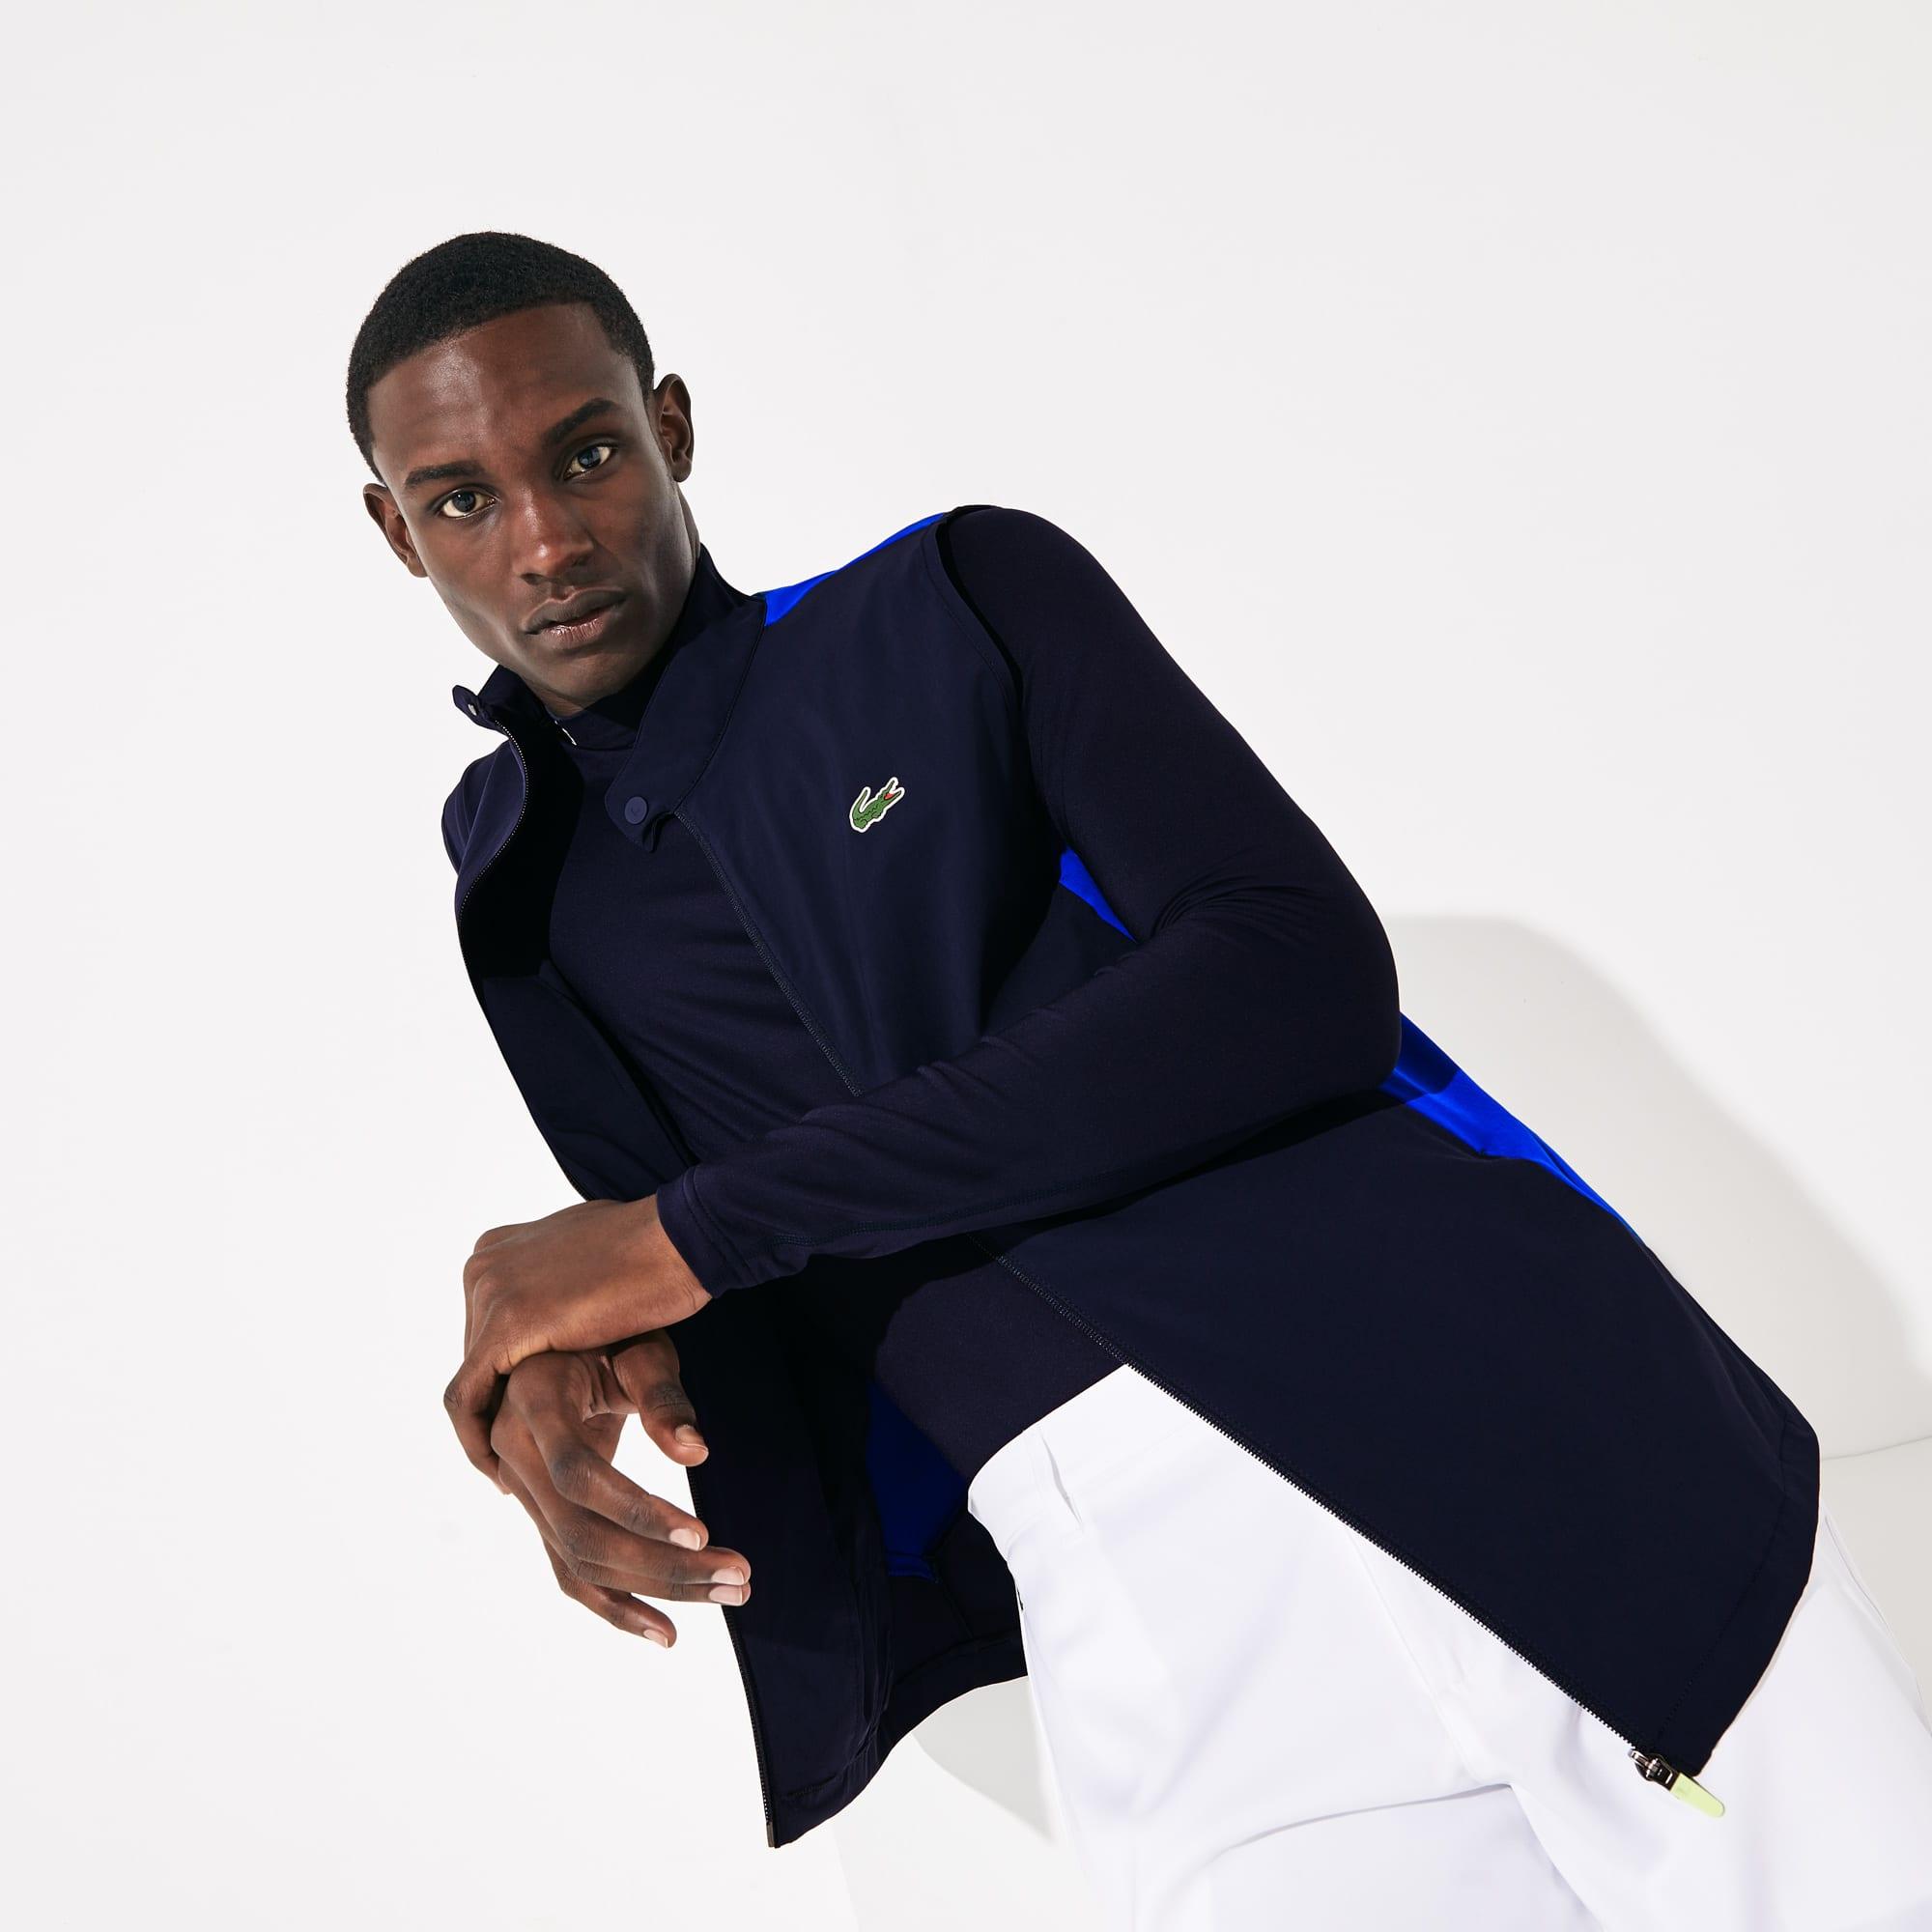 라코스테 Lacoste Mens SPORT Stretch Zip Golf Rain Vest,Navy Blue / Blue / Flashy Yellow